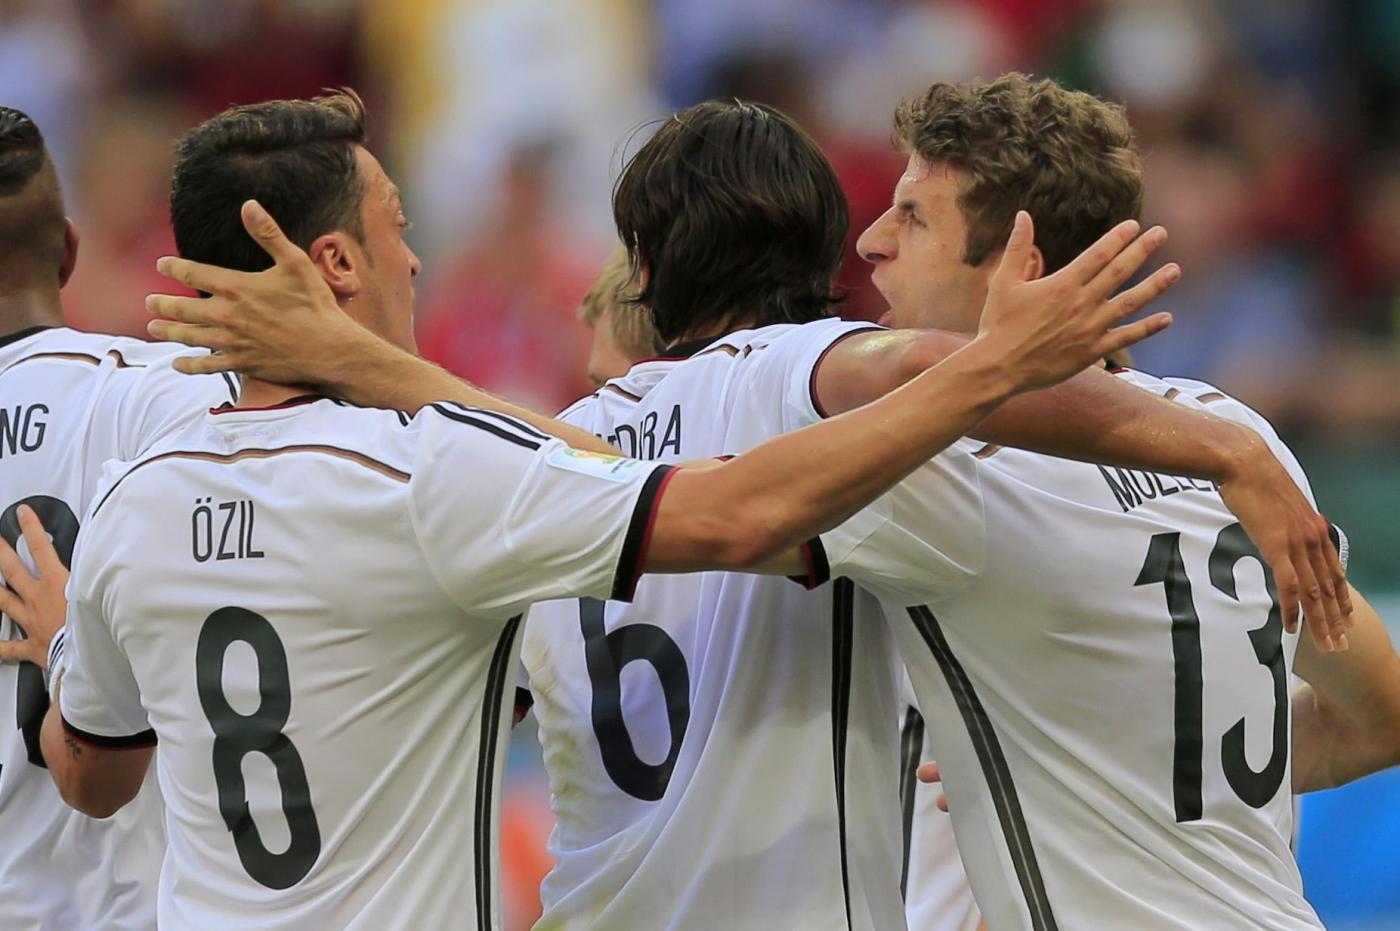 Mondiali 2014, Germania vs Portogallo 4-0: tripletta di Muller, Pepe espulso